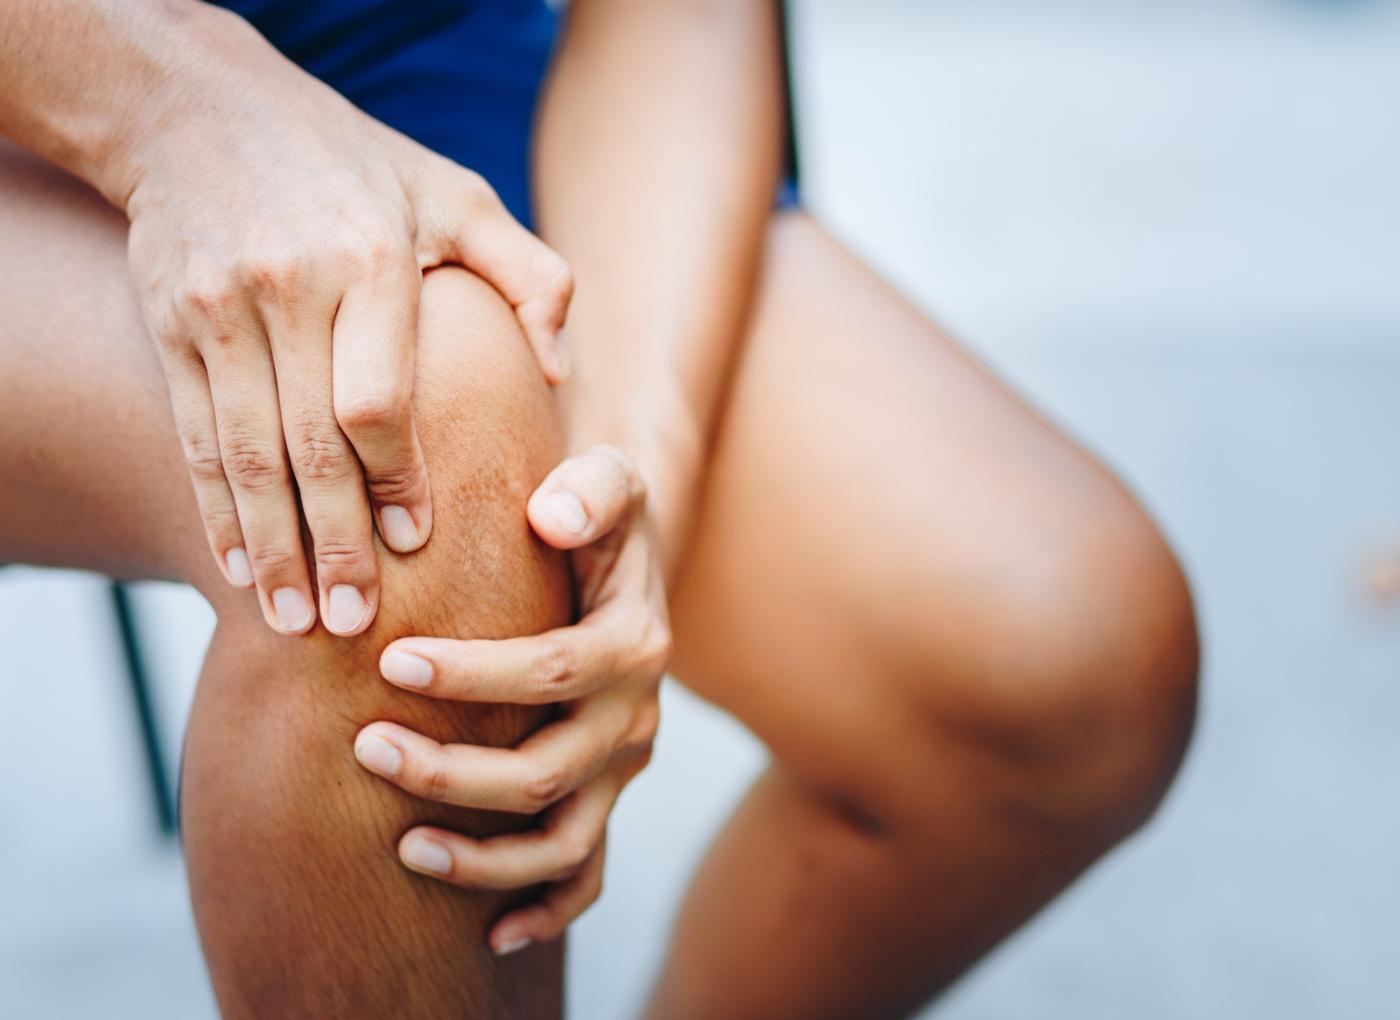 Entorse do joelho: causas e tratamentos